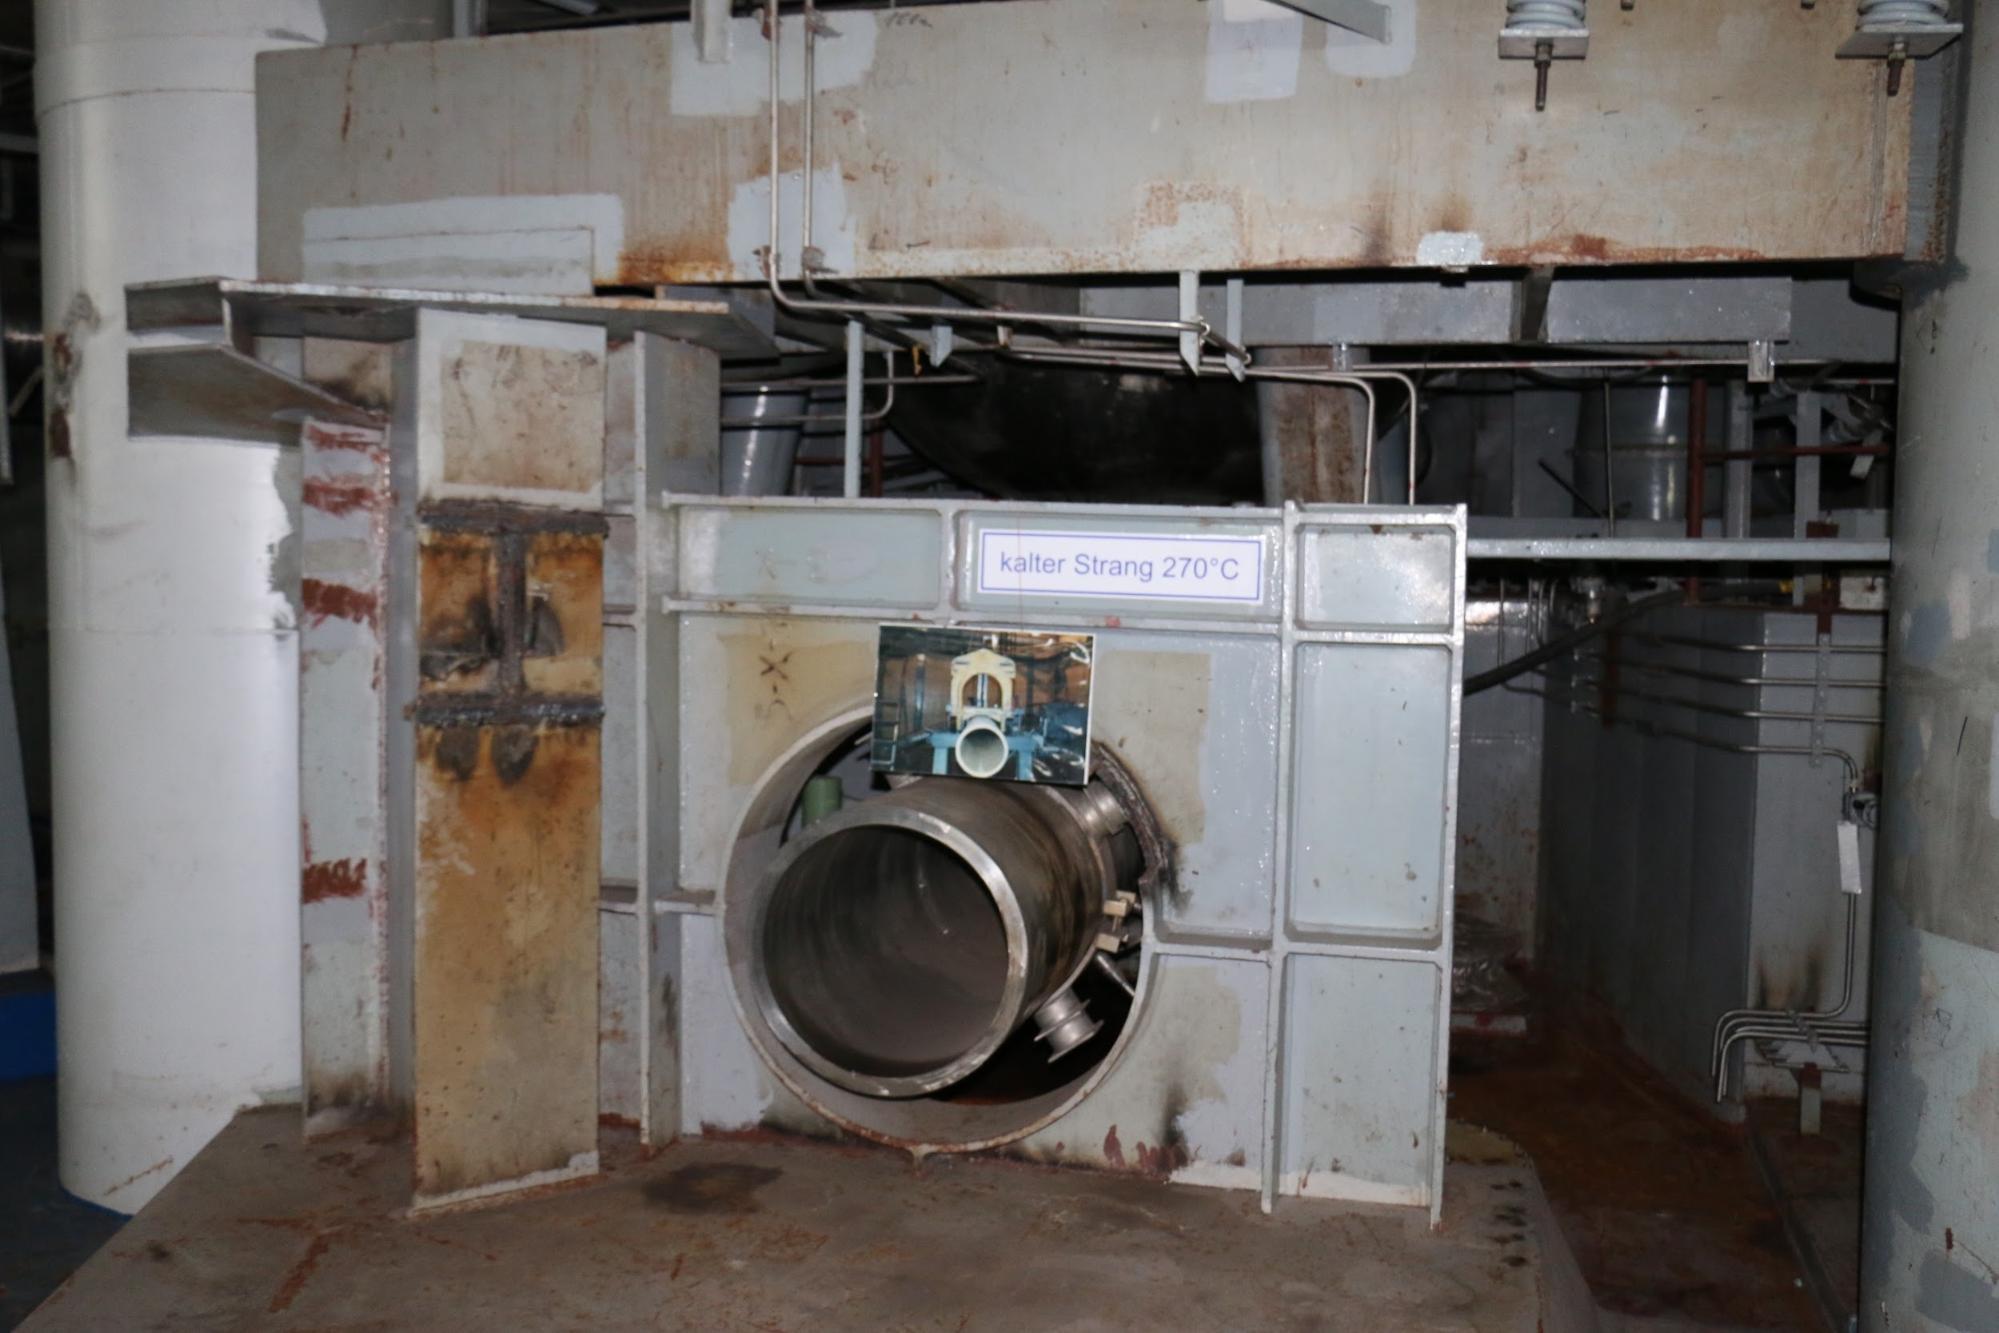 """A képen látható, nagy átmérőjű csöveken áramlik a hűtővíz be és ki a reaktortartályba. A balra alul lévő csonk a gőzfejlesztőből visszatérő, """"hidegági"""" csővezetékhez tartozott (itt a 270 Celsius-fokos visszatérő víz számít """"hidegnek""""). A másik csonk pedig a reaktort elhagyó, a gőzfejlesztő felé tartó, 315 fokos vizet szállító vezetéké. (A primer körben 123 bar nyomás alatt tartják a hűtővizet, ezért nem forr el – innen ered a nyomottvizes reaktorok neve.)"""